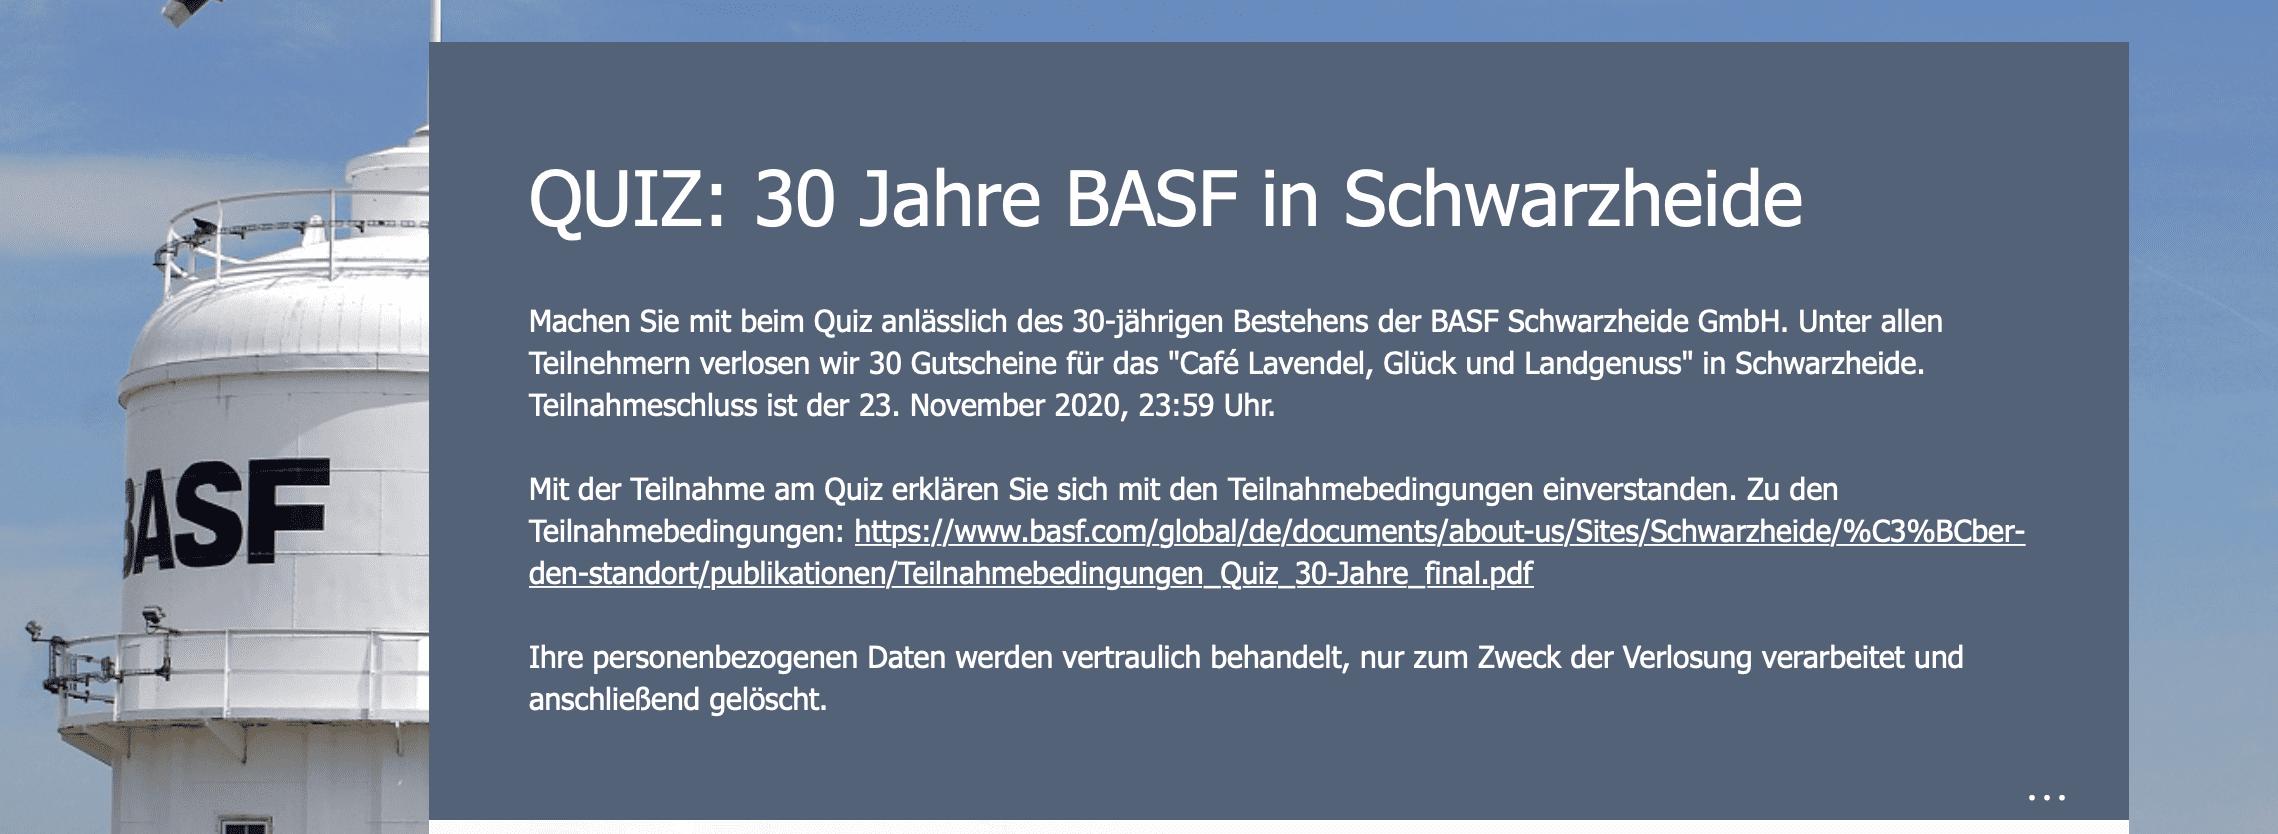 Gewinnspiel-Cases Dienstleistungen & Handwerk BASF